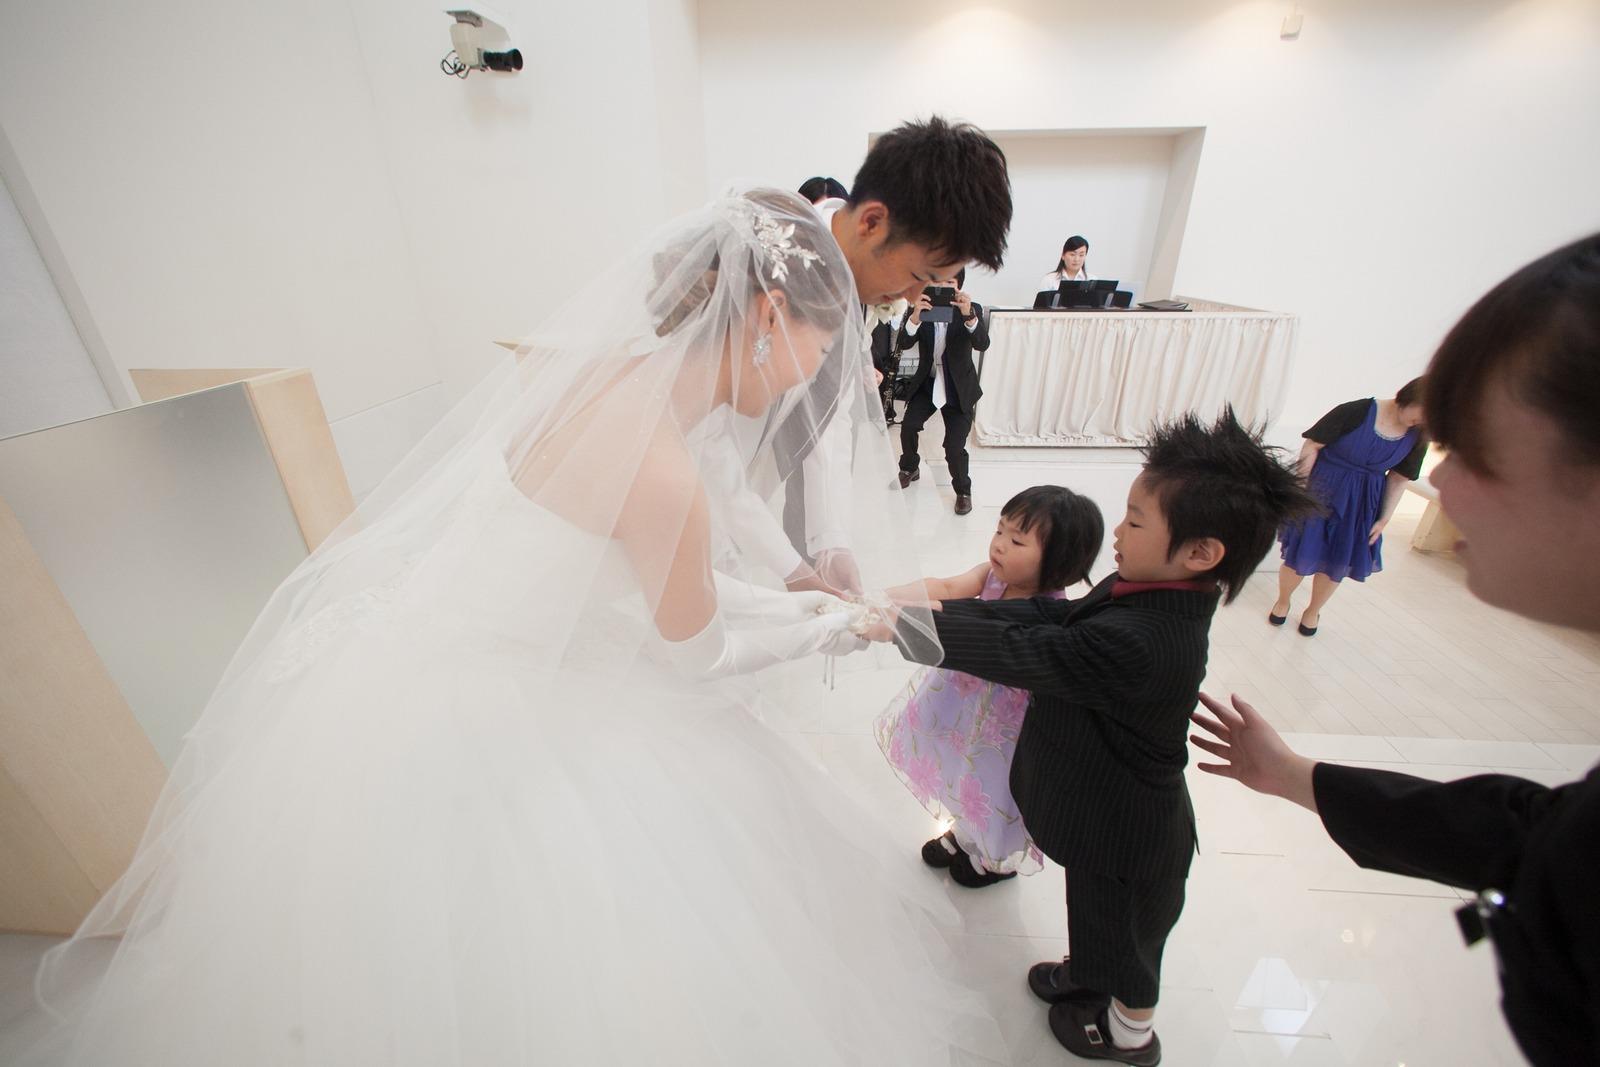 徳島市の結婚式場ブランアンジュでアットホームなリングリレー